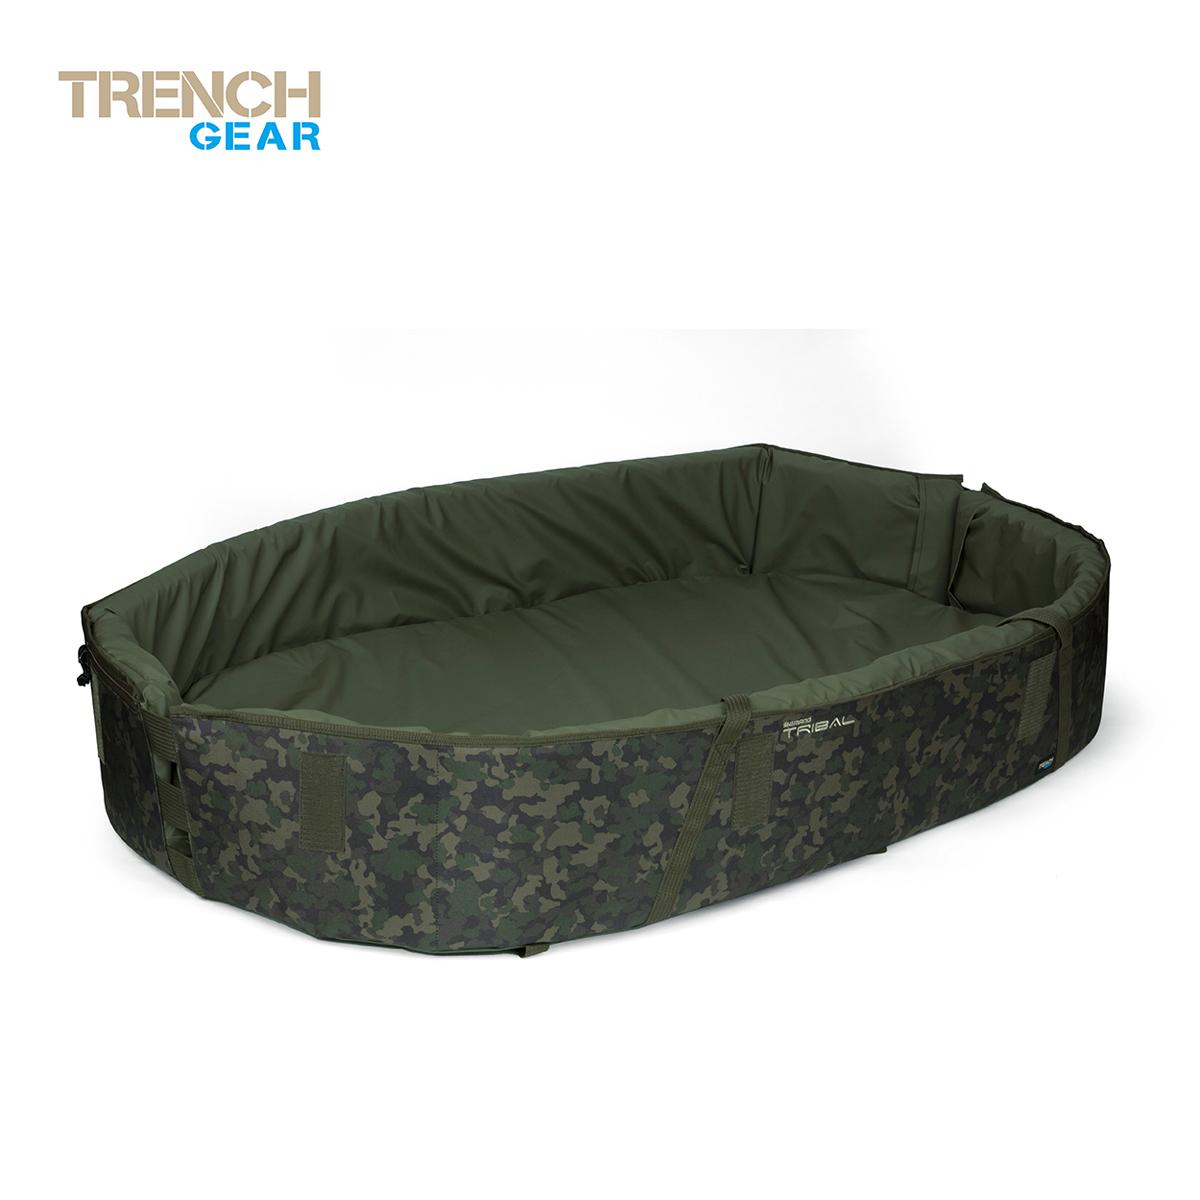 Shimano Trench Euro Protection Mat Incl. Bag & AQ Strap